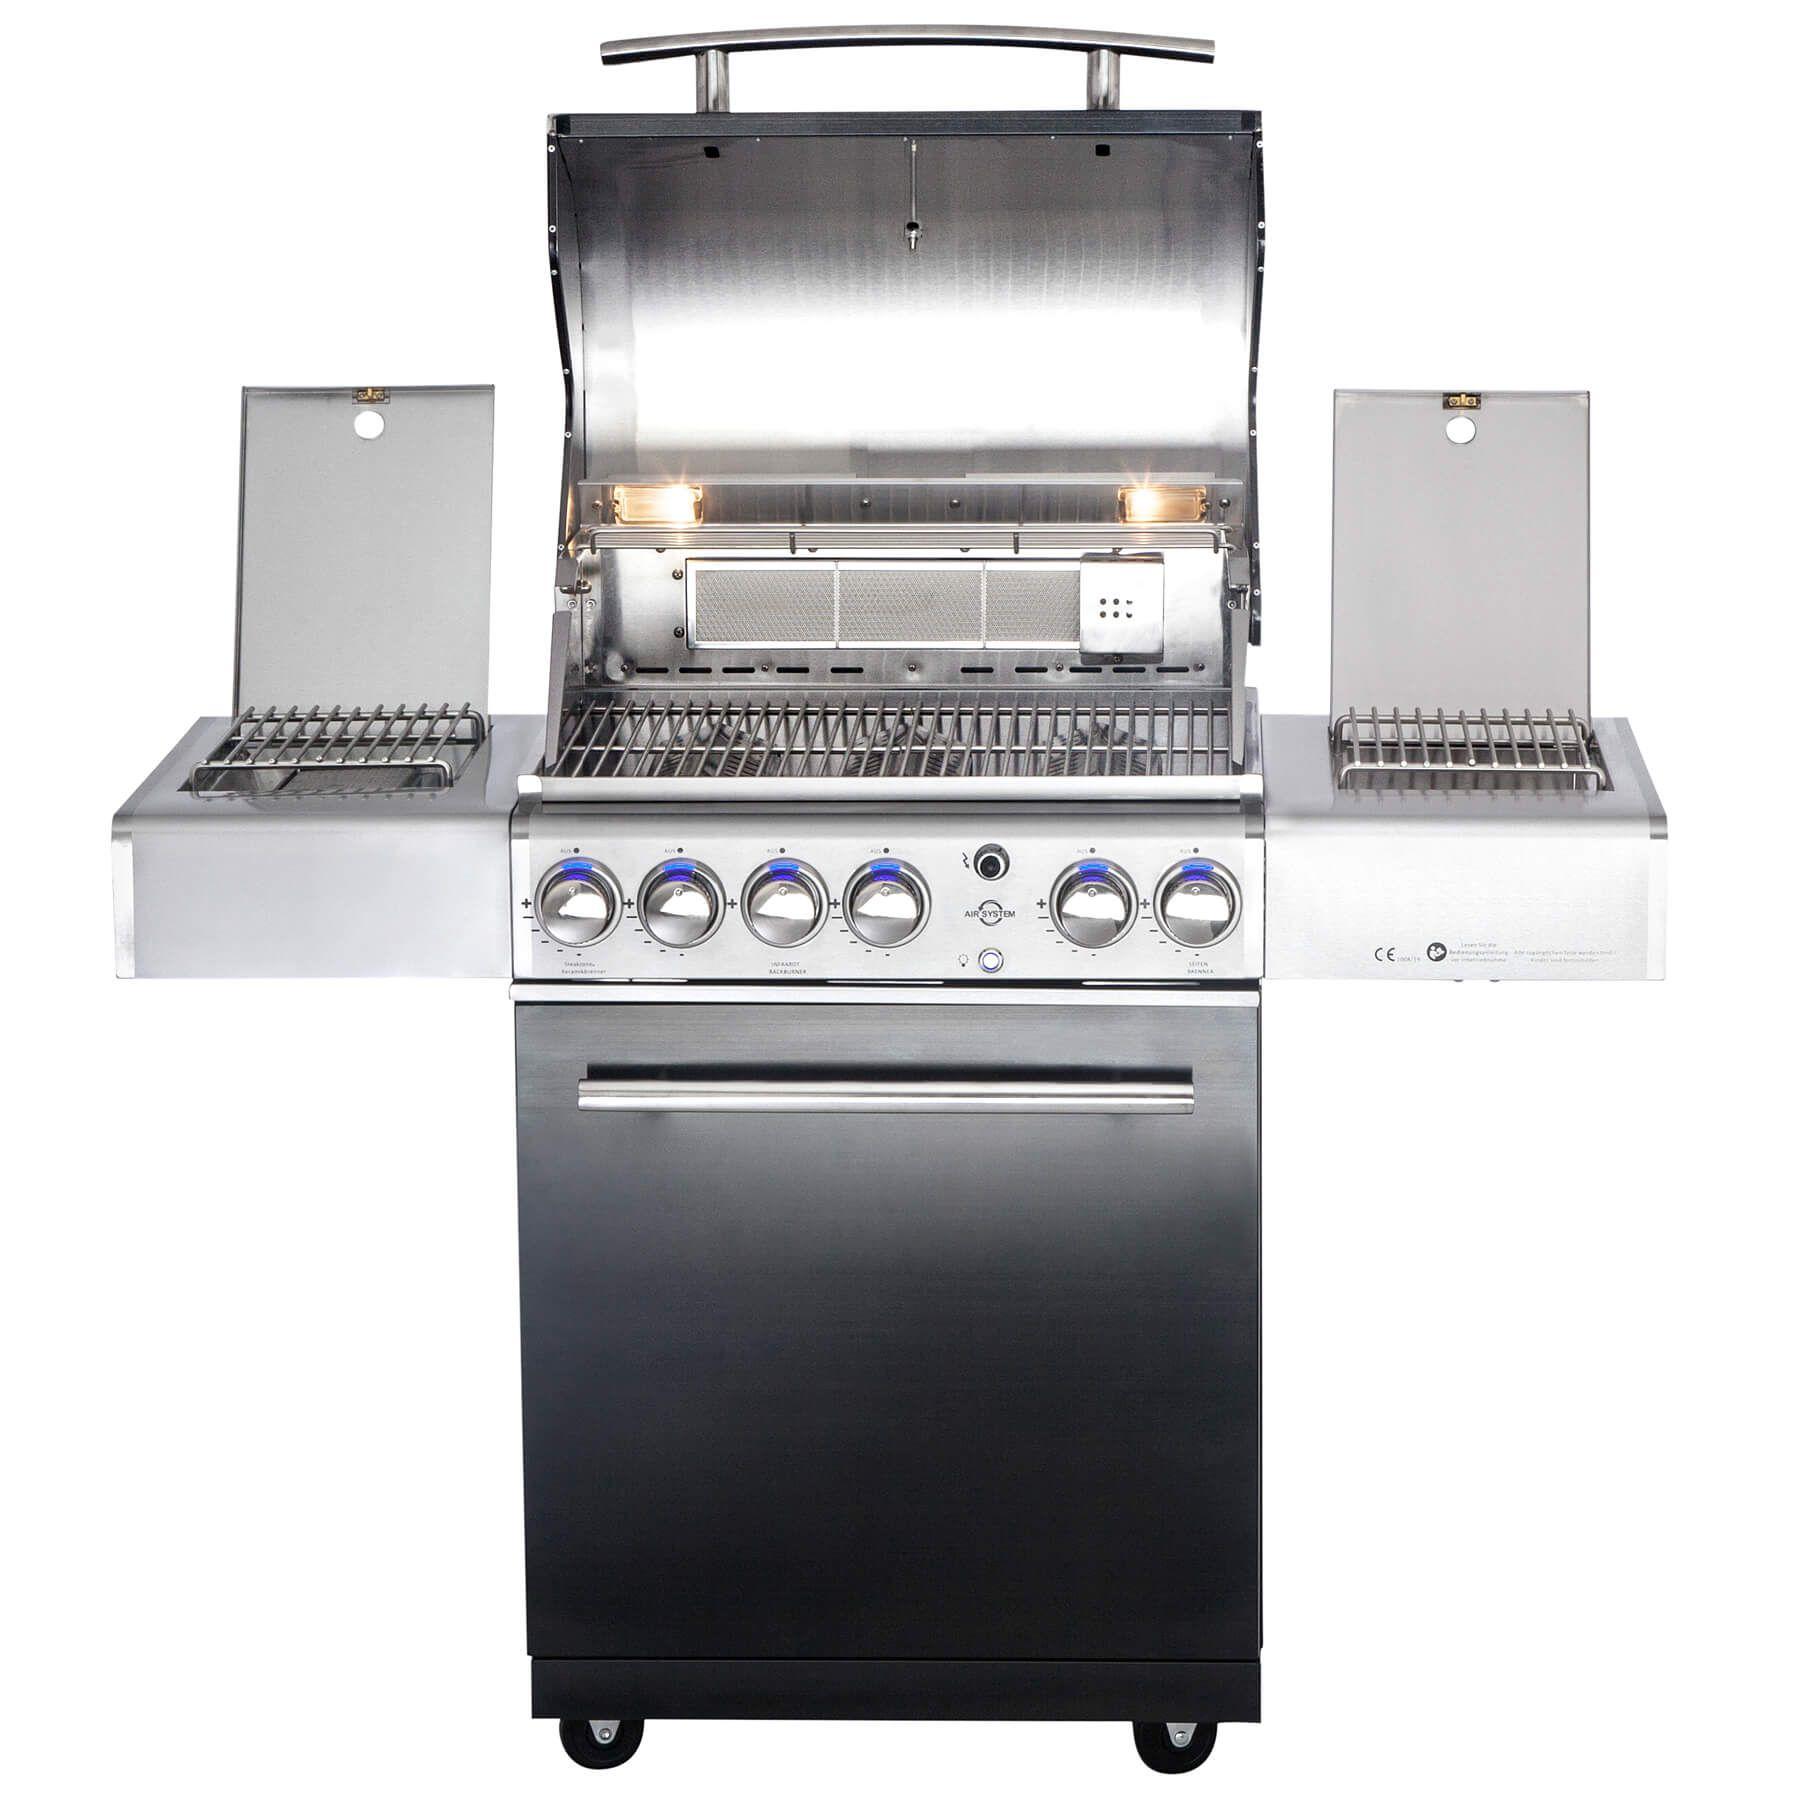 All Grill Chef M Schwarz Brunierter Volledelstahl Gas Grill Mit Air System Gesamtleistung 21 2 Kw 3 Flammig Abmessung A In 2020 Brunieren Gasgrill 11kg Gasflasche